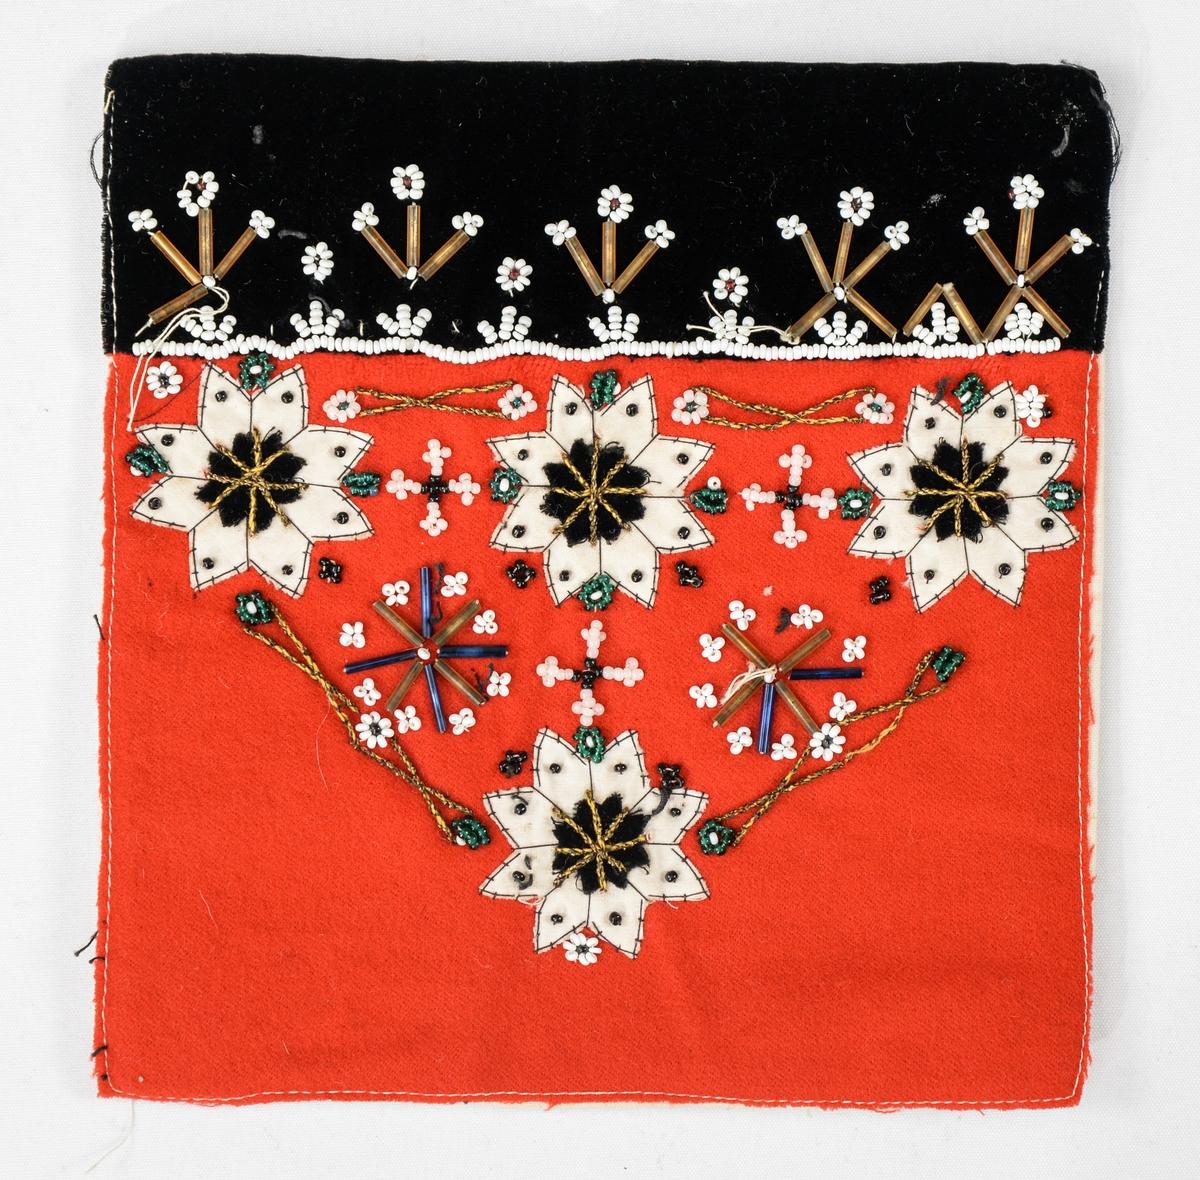 Bringduk i raudt ulltøy brodert med perler (stavperler og runde) og applikerte stjerner i kvitt lintøy og svart fløyel. Øverst ein svart fløyelskant.  Fóra med kvit lin.